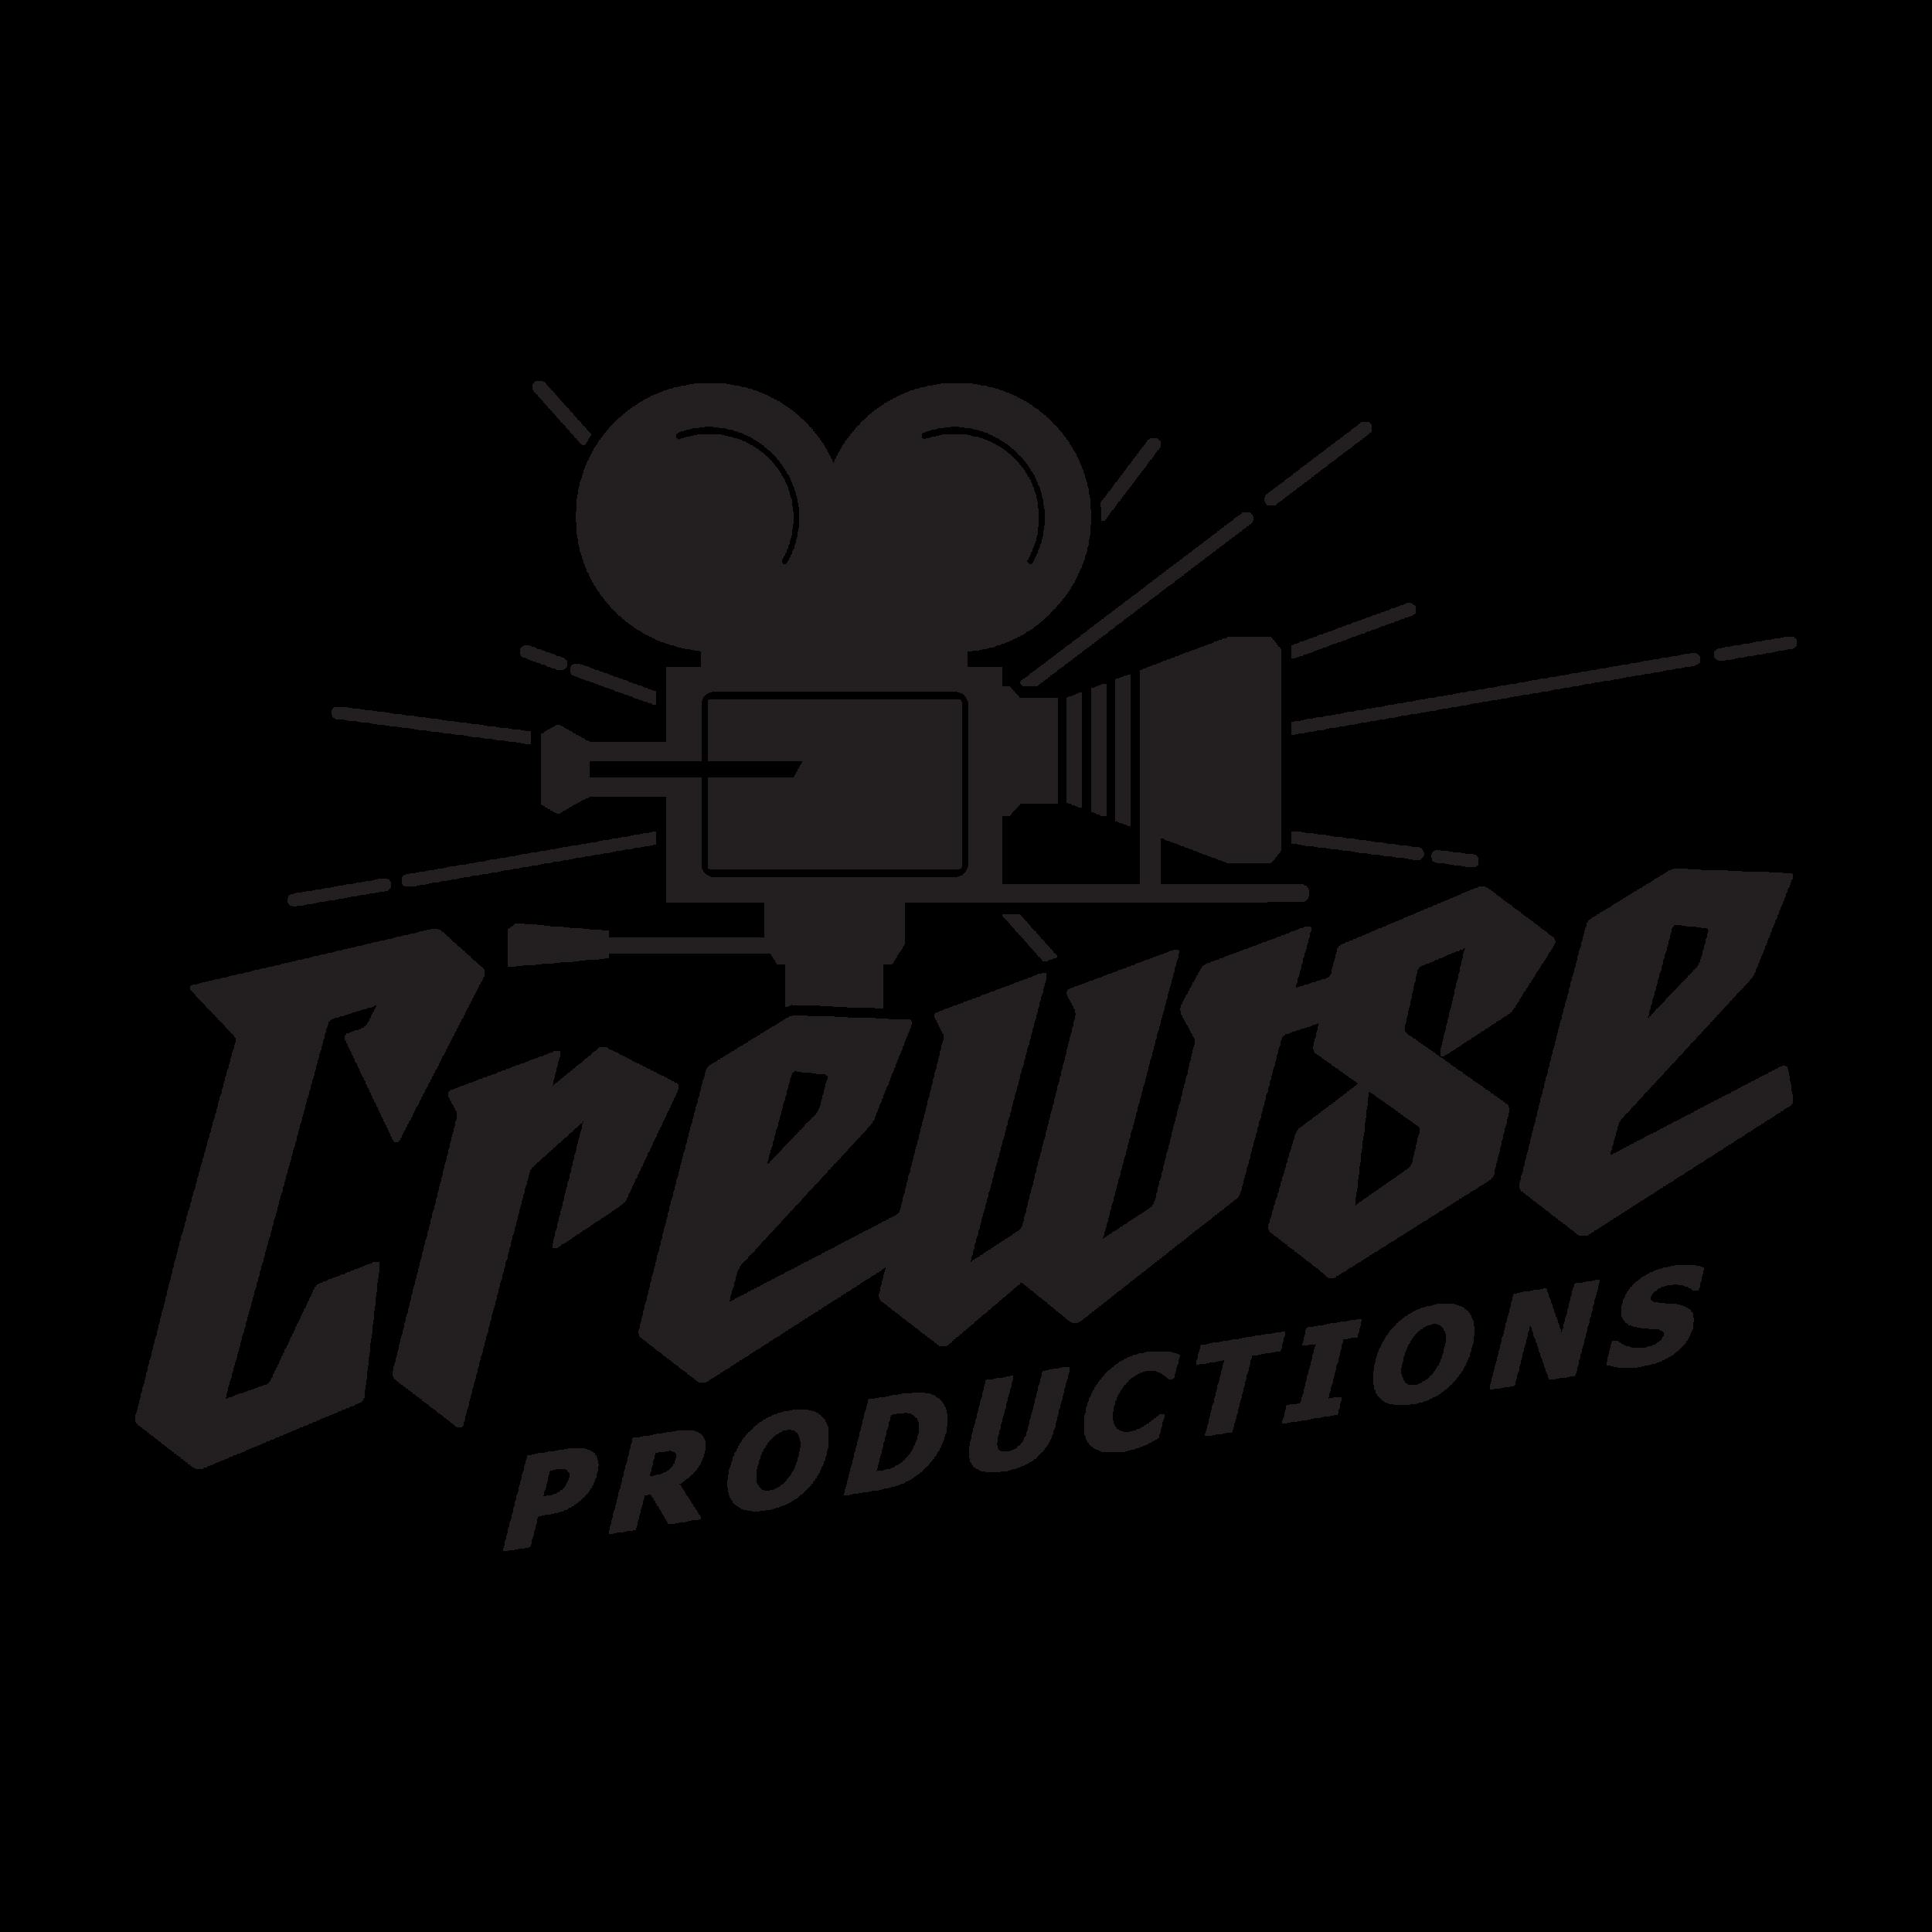 Crewse-LogoFinal-01.png